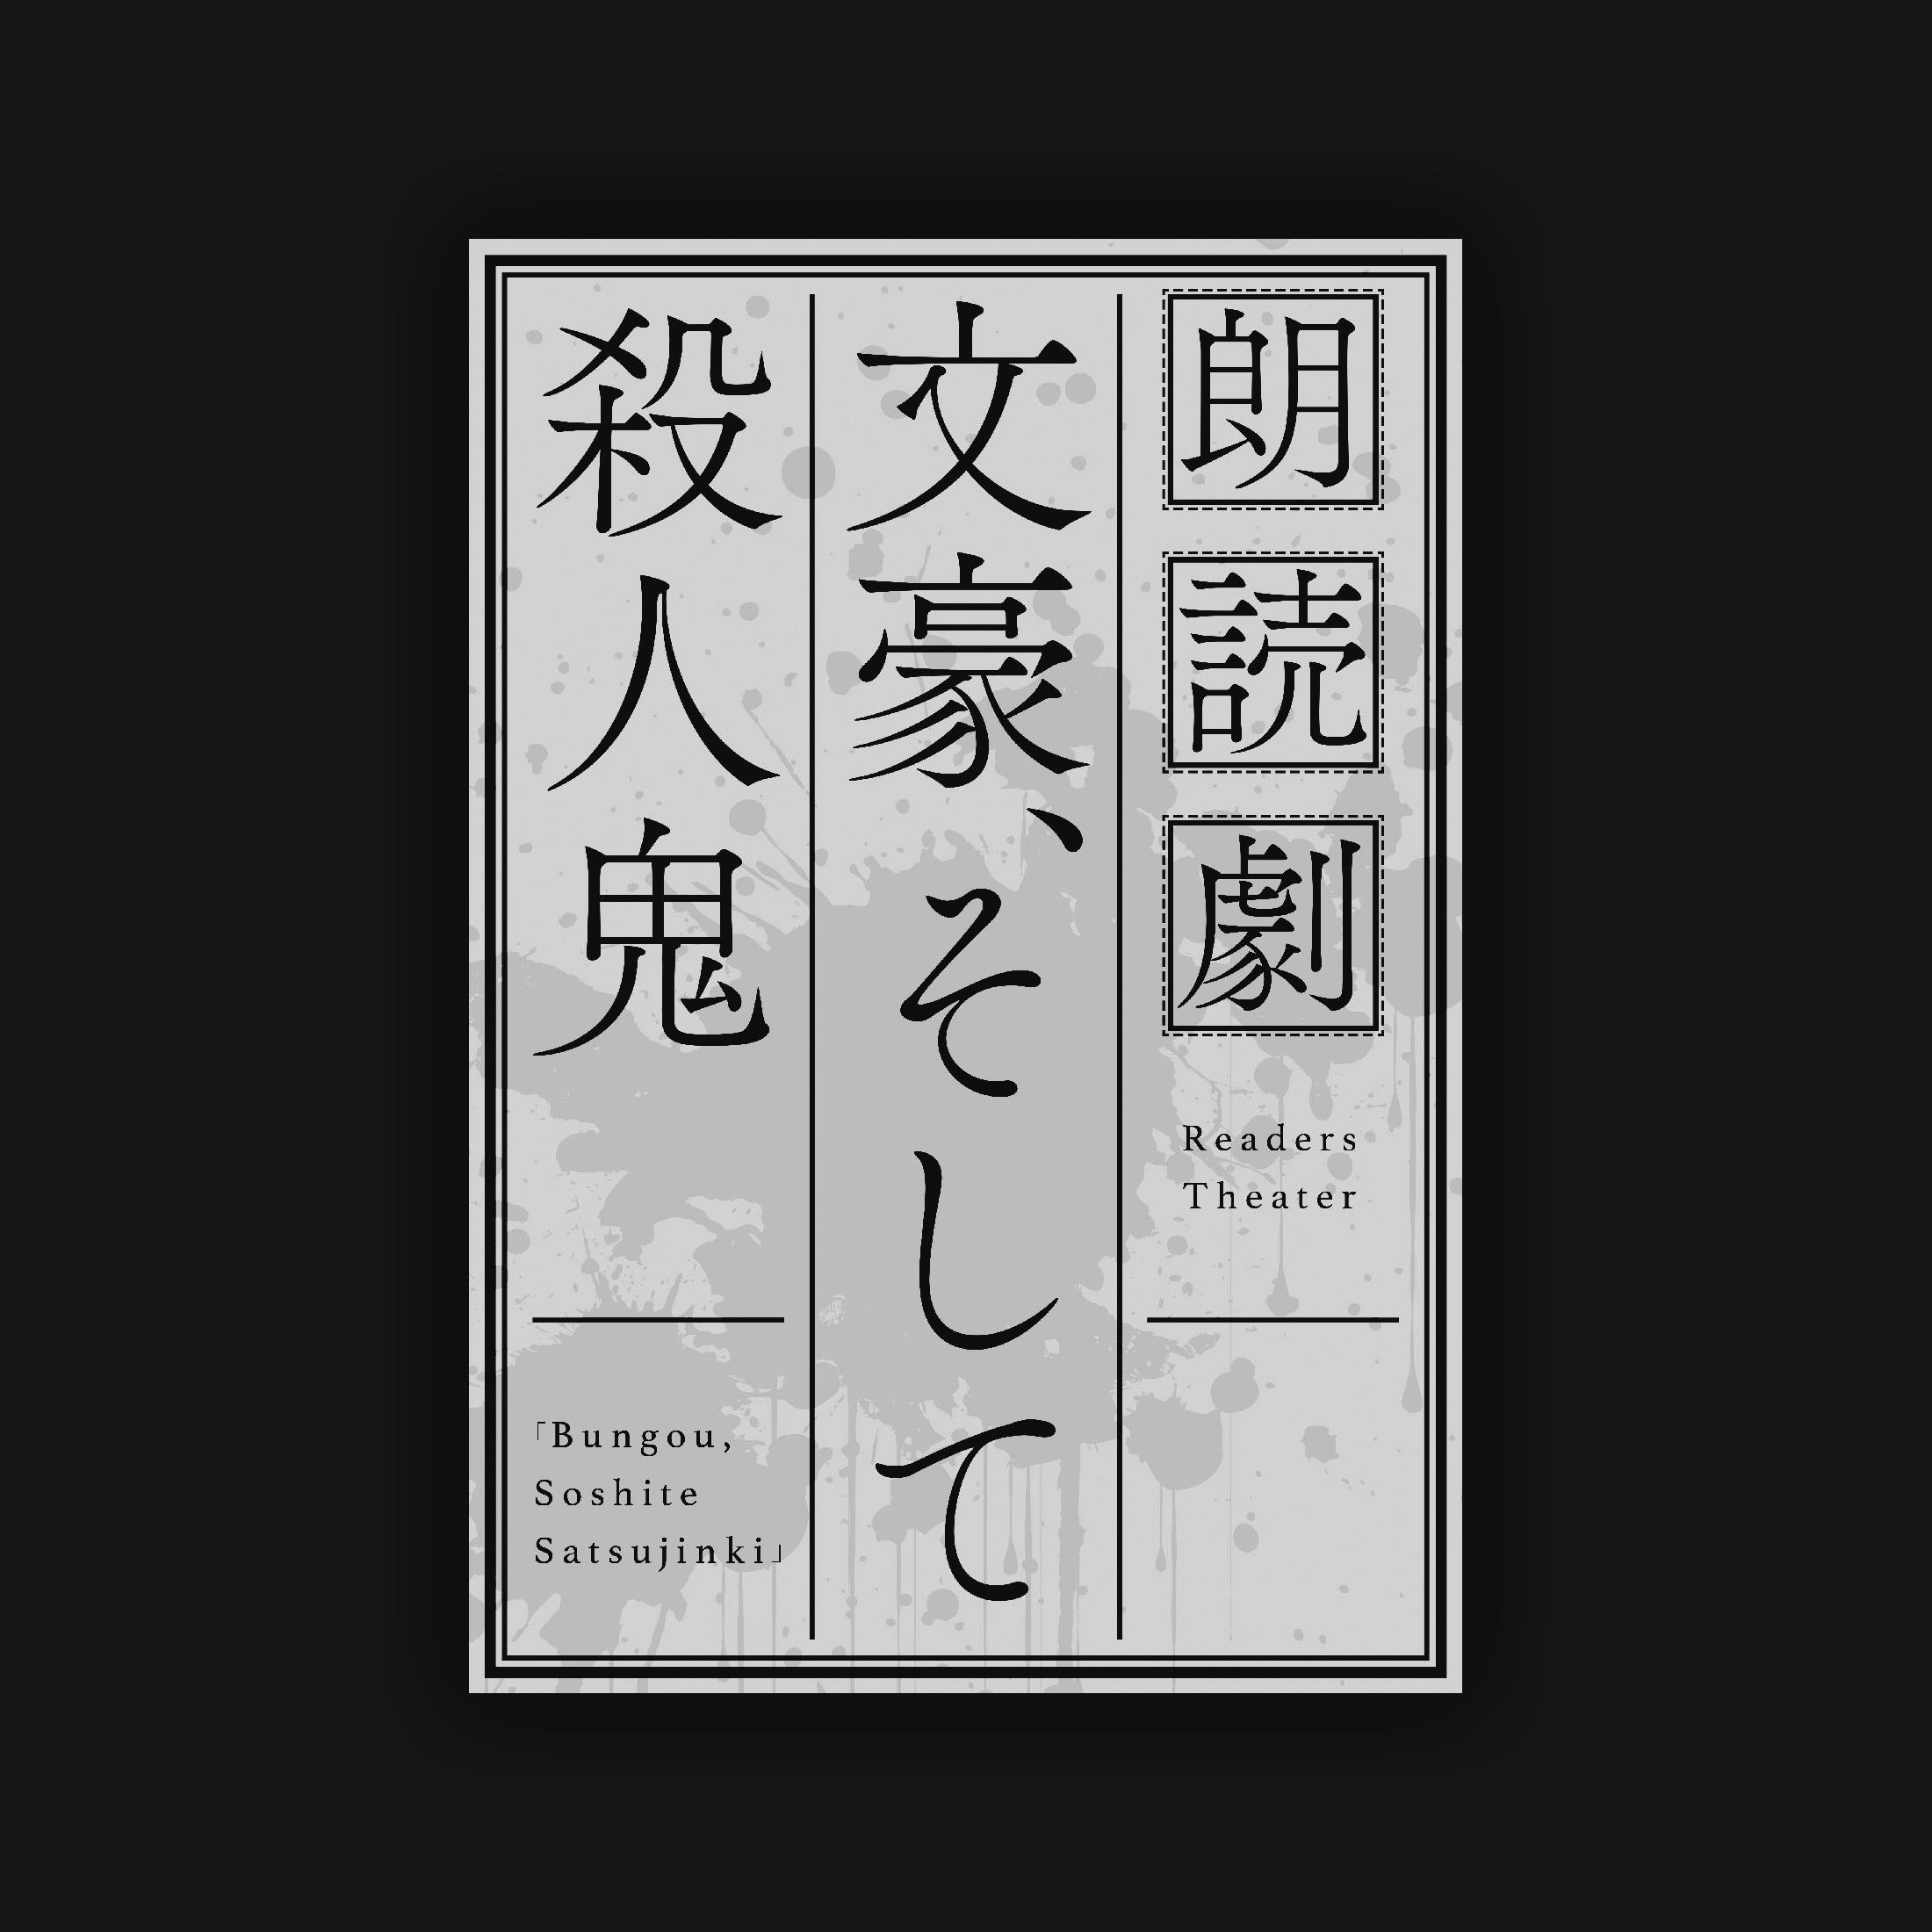 オリジナル朗読劇「文豪、そして殺人鬼」12月7日公演 昼公演